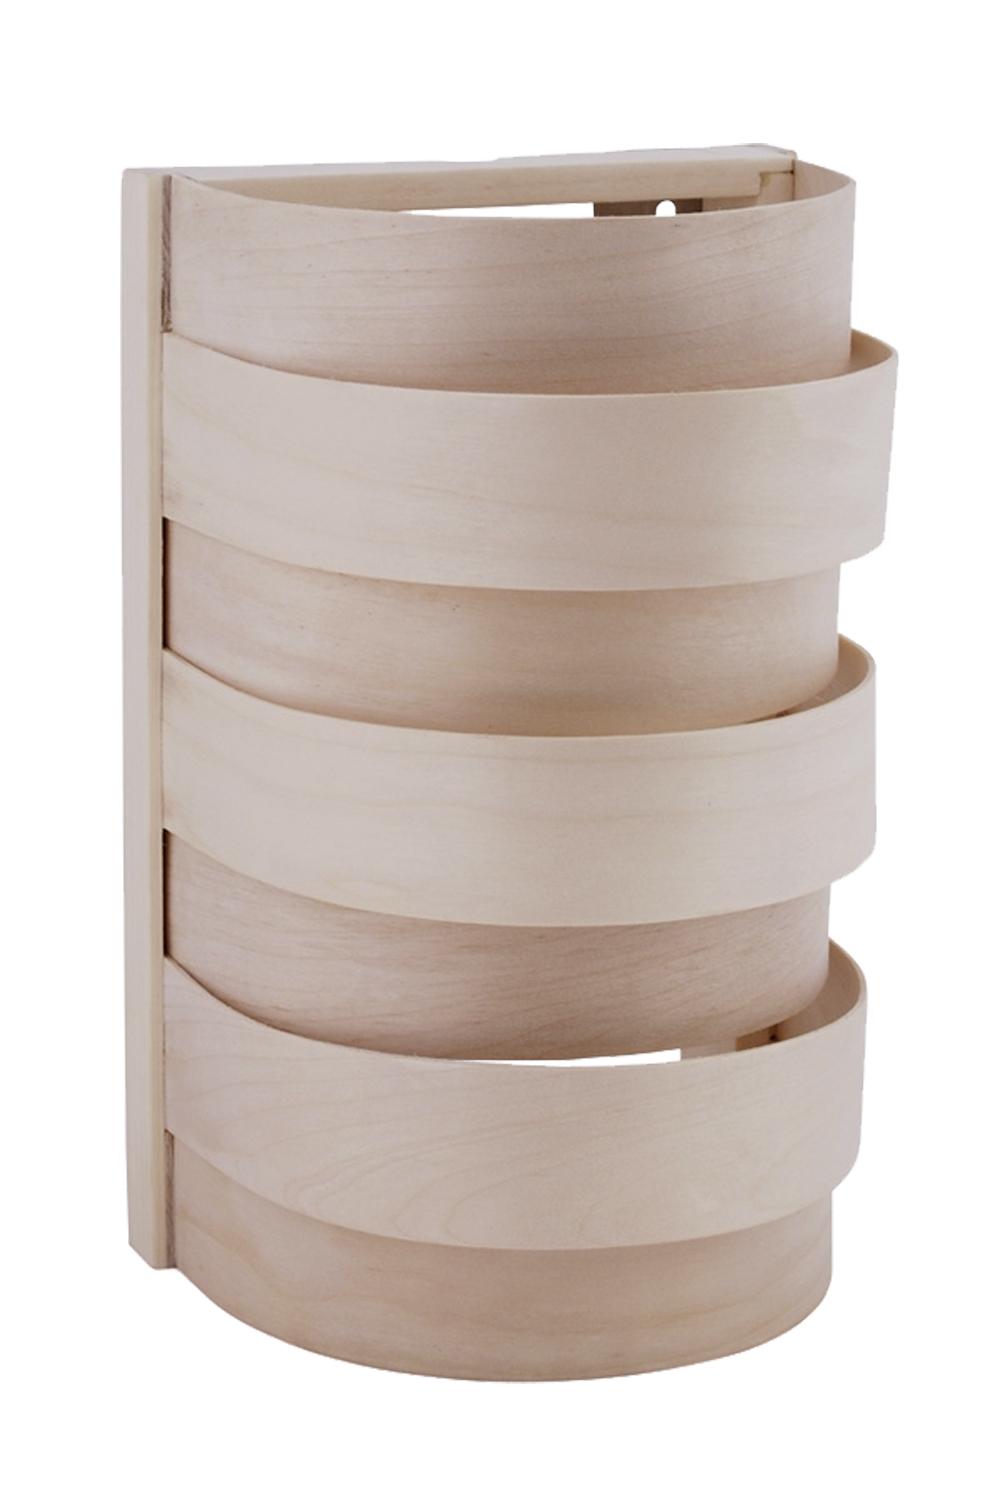 sauna lampenschirm 917 holz sauna lampe blend schirm f r eck oder wand montage ebay. Black Bedroom Furniture Sets. Home Design Ideas